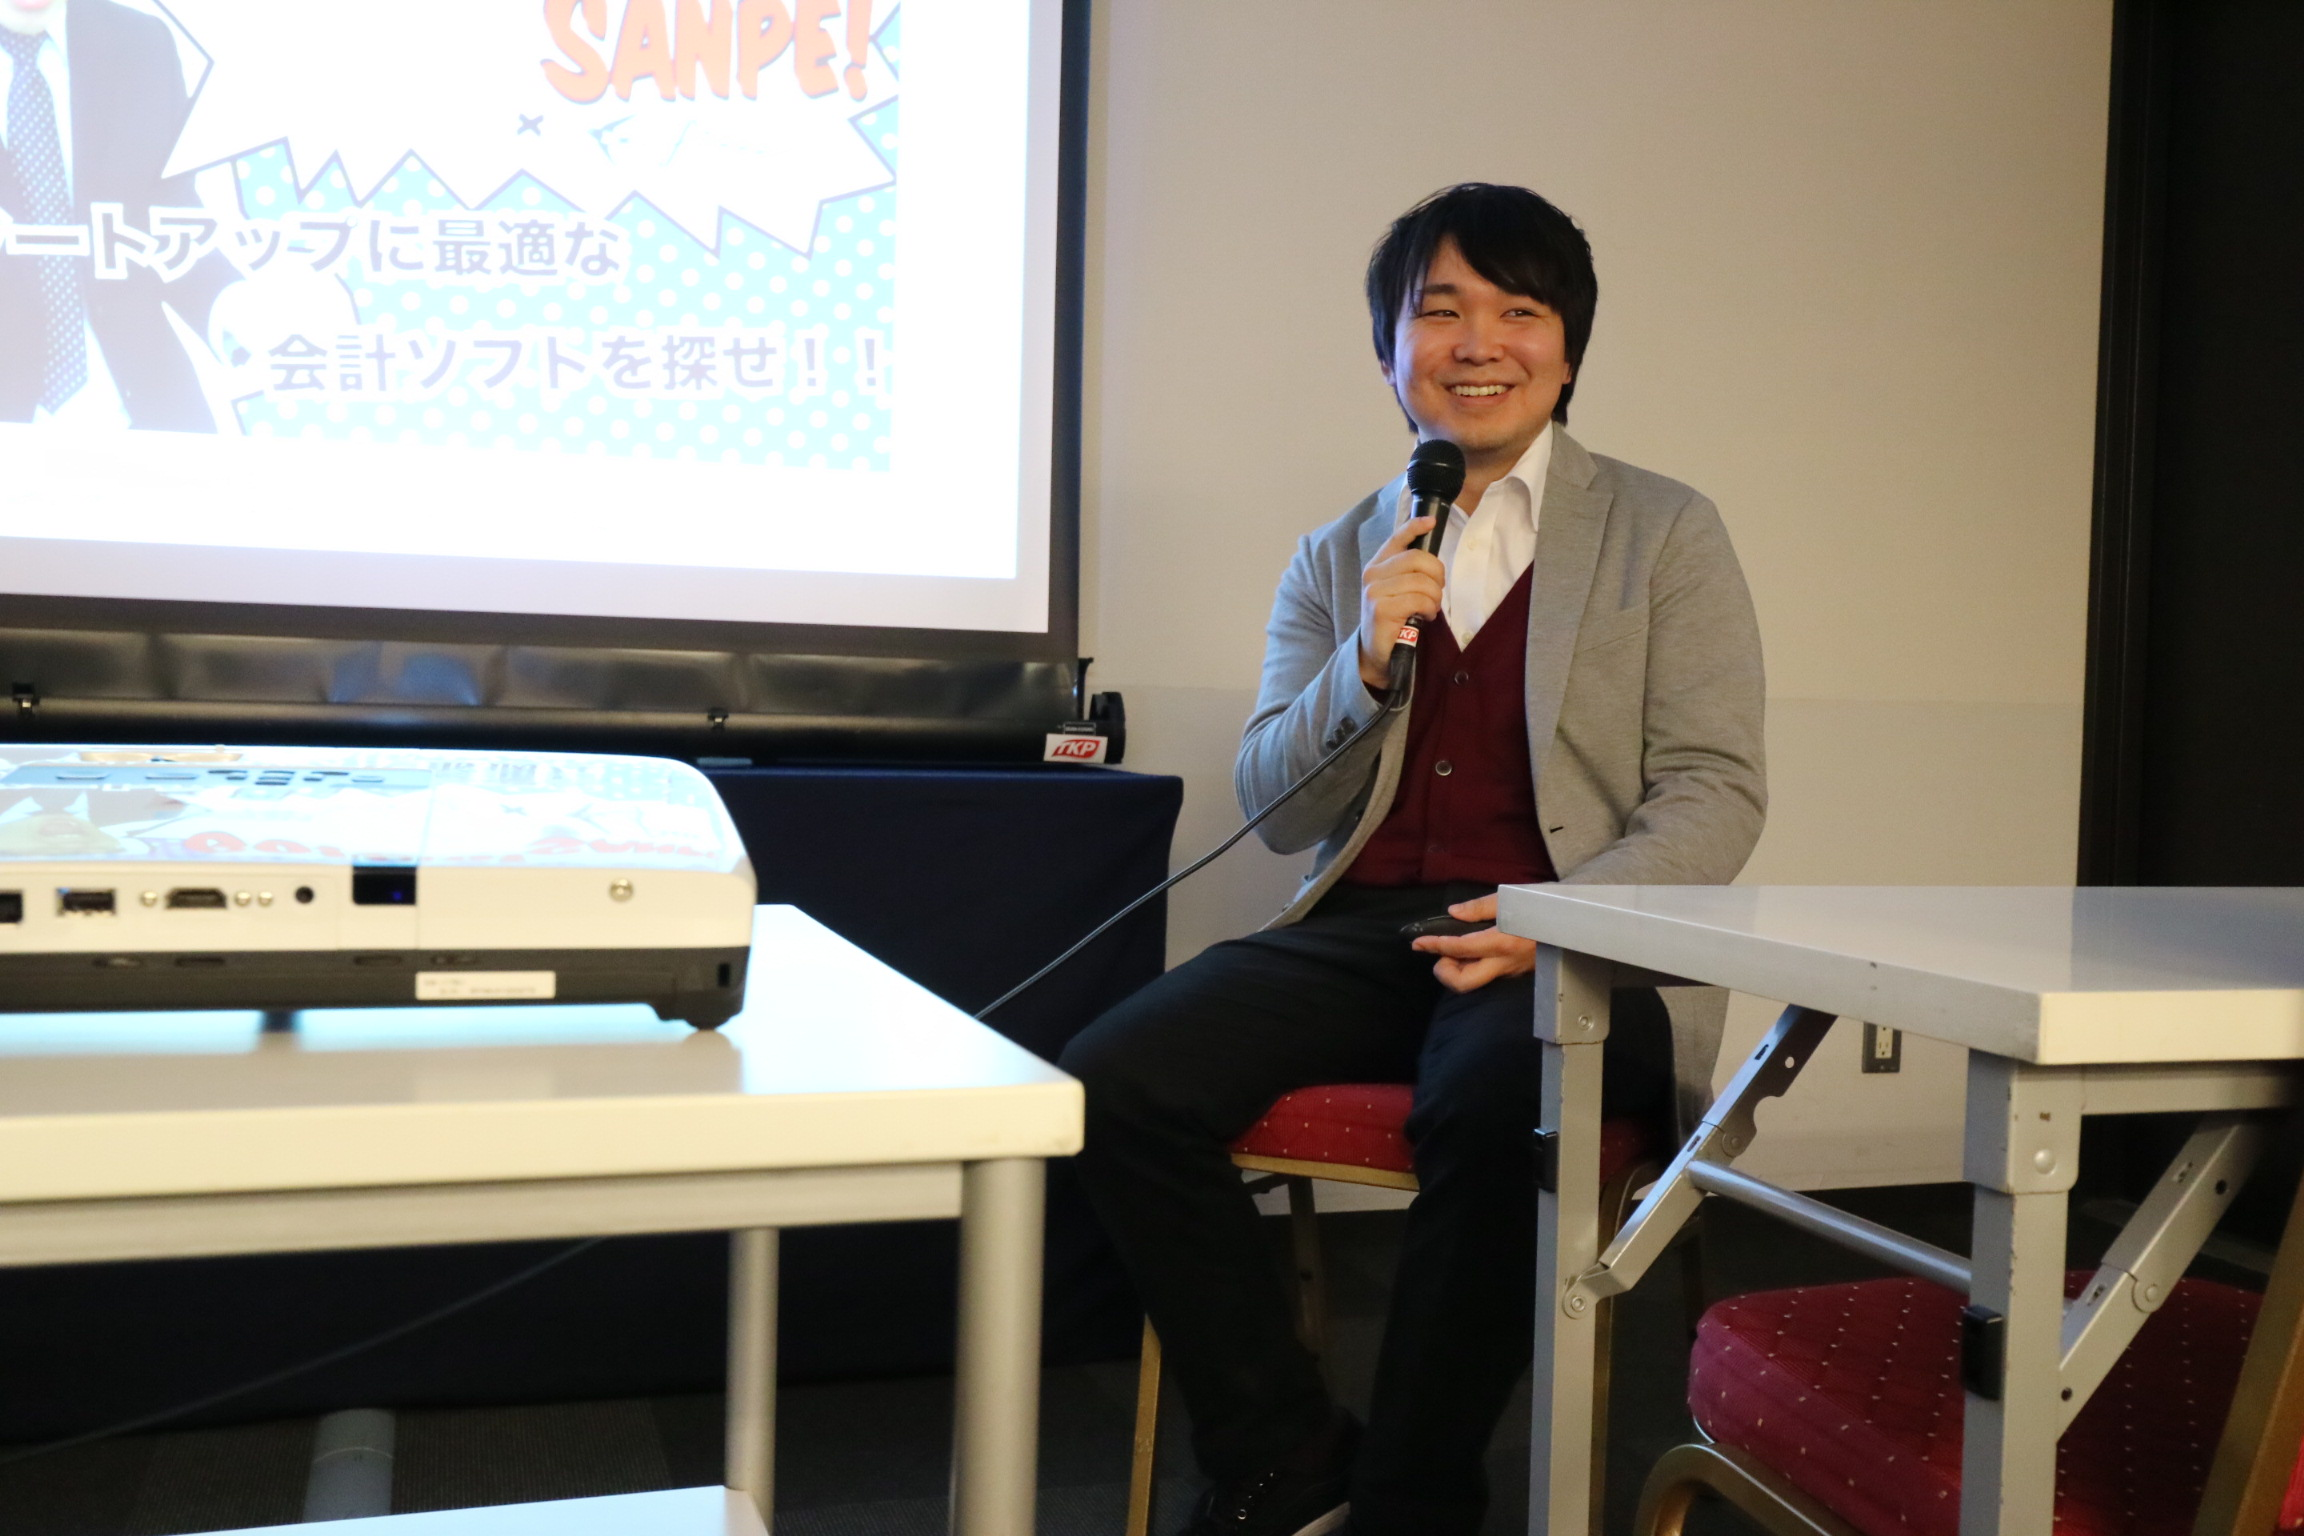 「上場準備企業に聞く、上場準備のリアル」に弊社の財務部長鈴木が登壇しました!